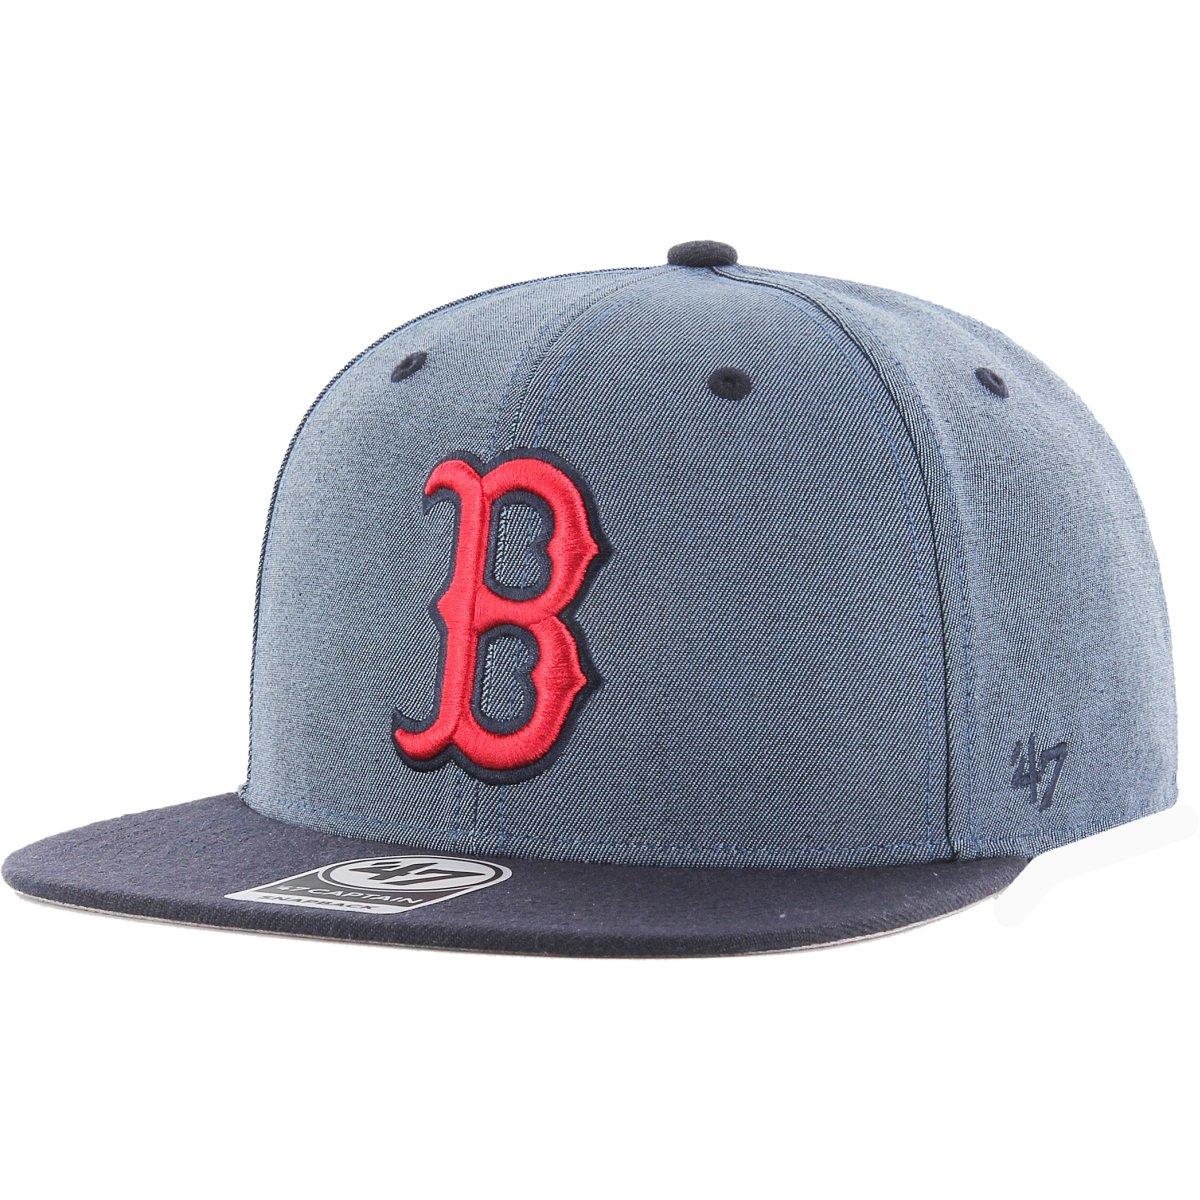 607fa7b8447 47 Brand Snapback Cap - DOUBLEMOVE Boston Red Sox navy